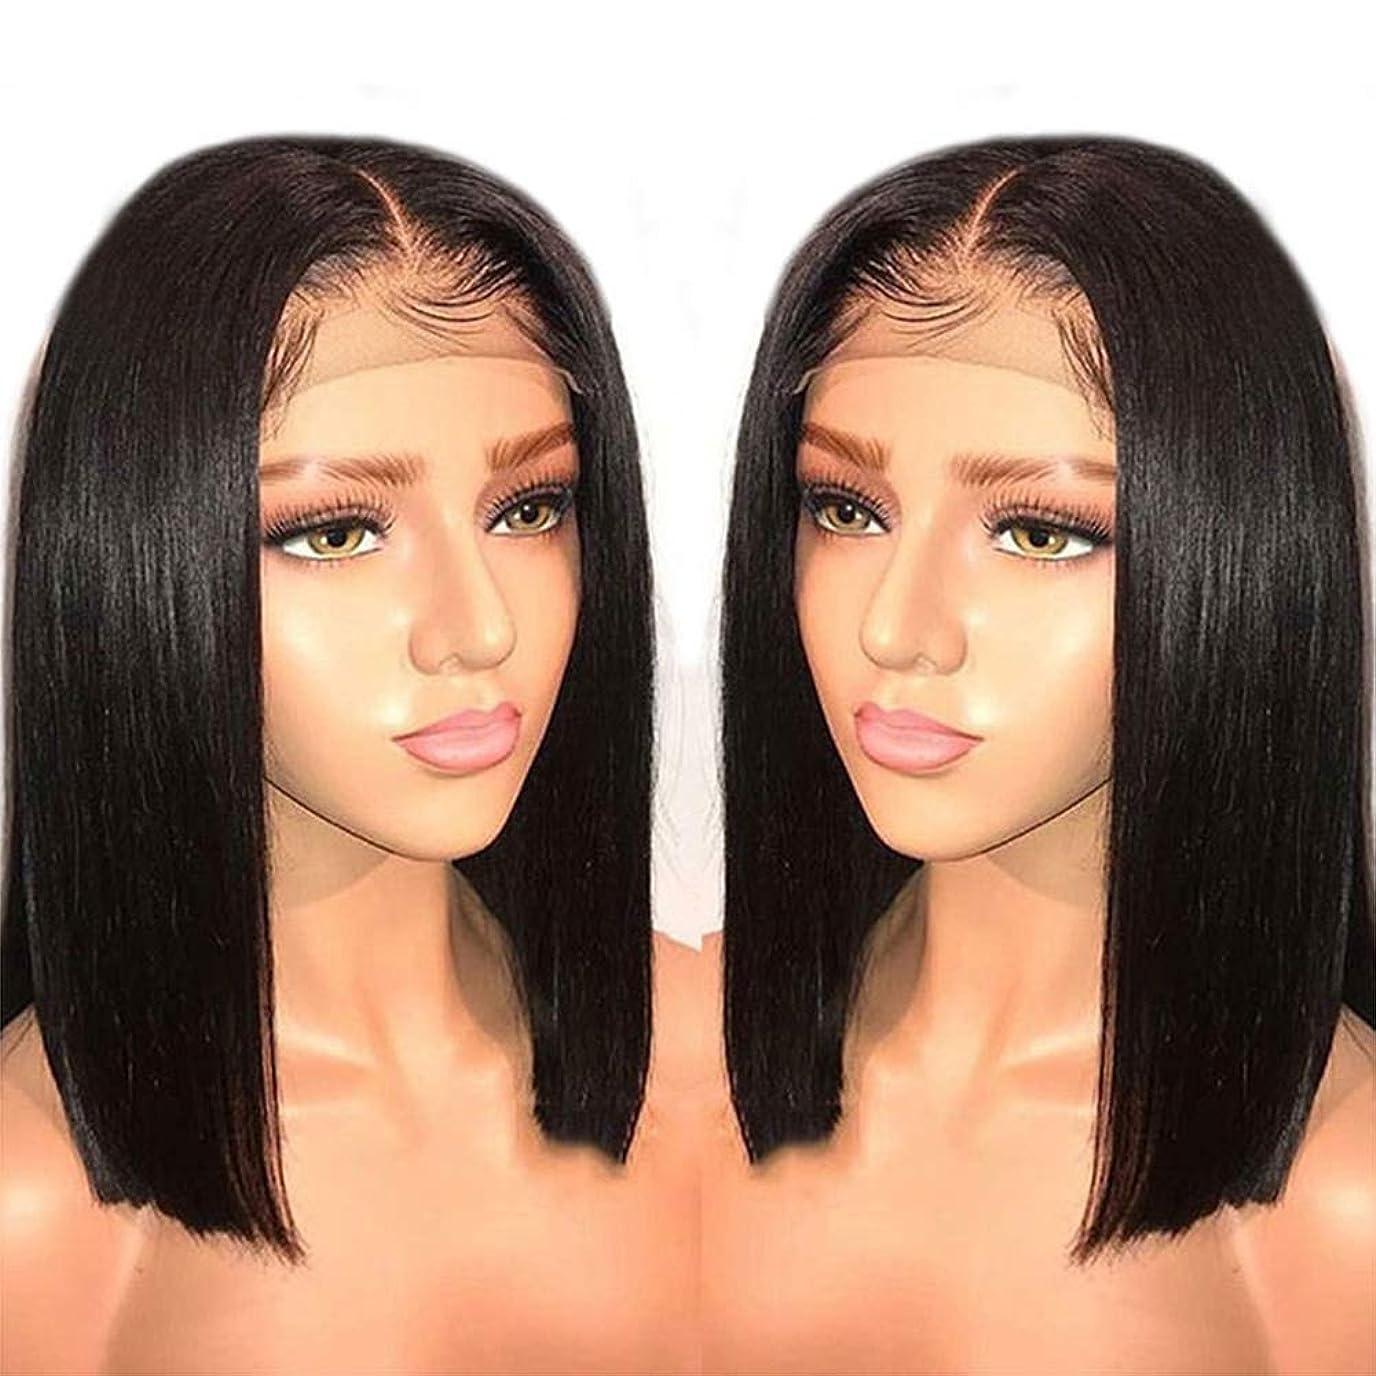 懸念レンダー豊富150%密度360レース前頭閉鎖かつらグルーレスレミーの毛髪の周りのかつら短い髪のかつら